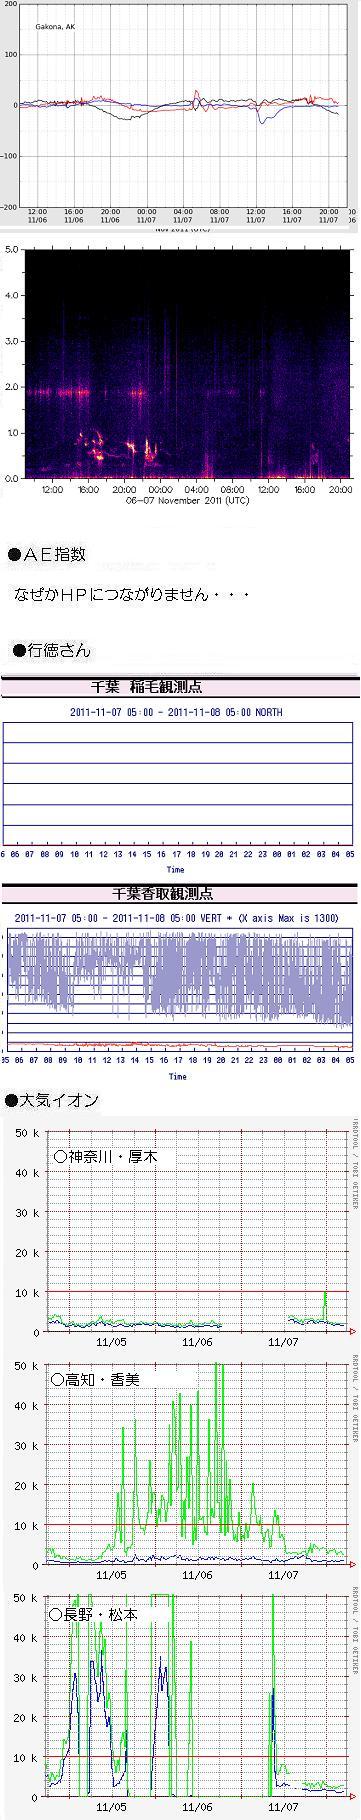 1108-1 データ